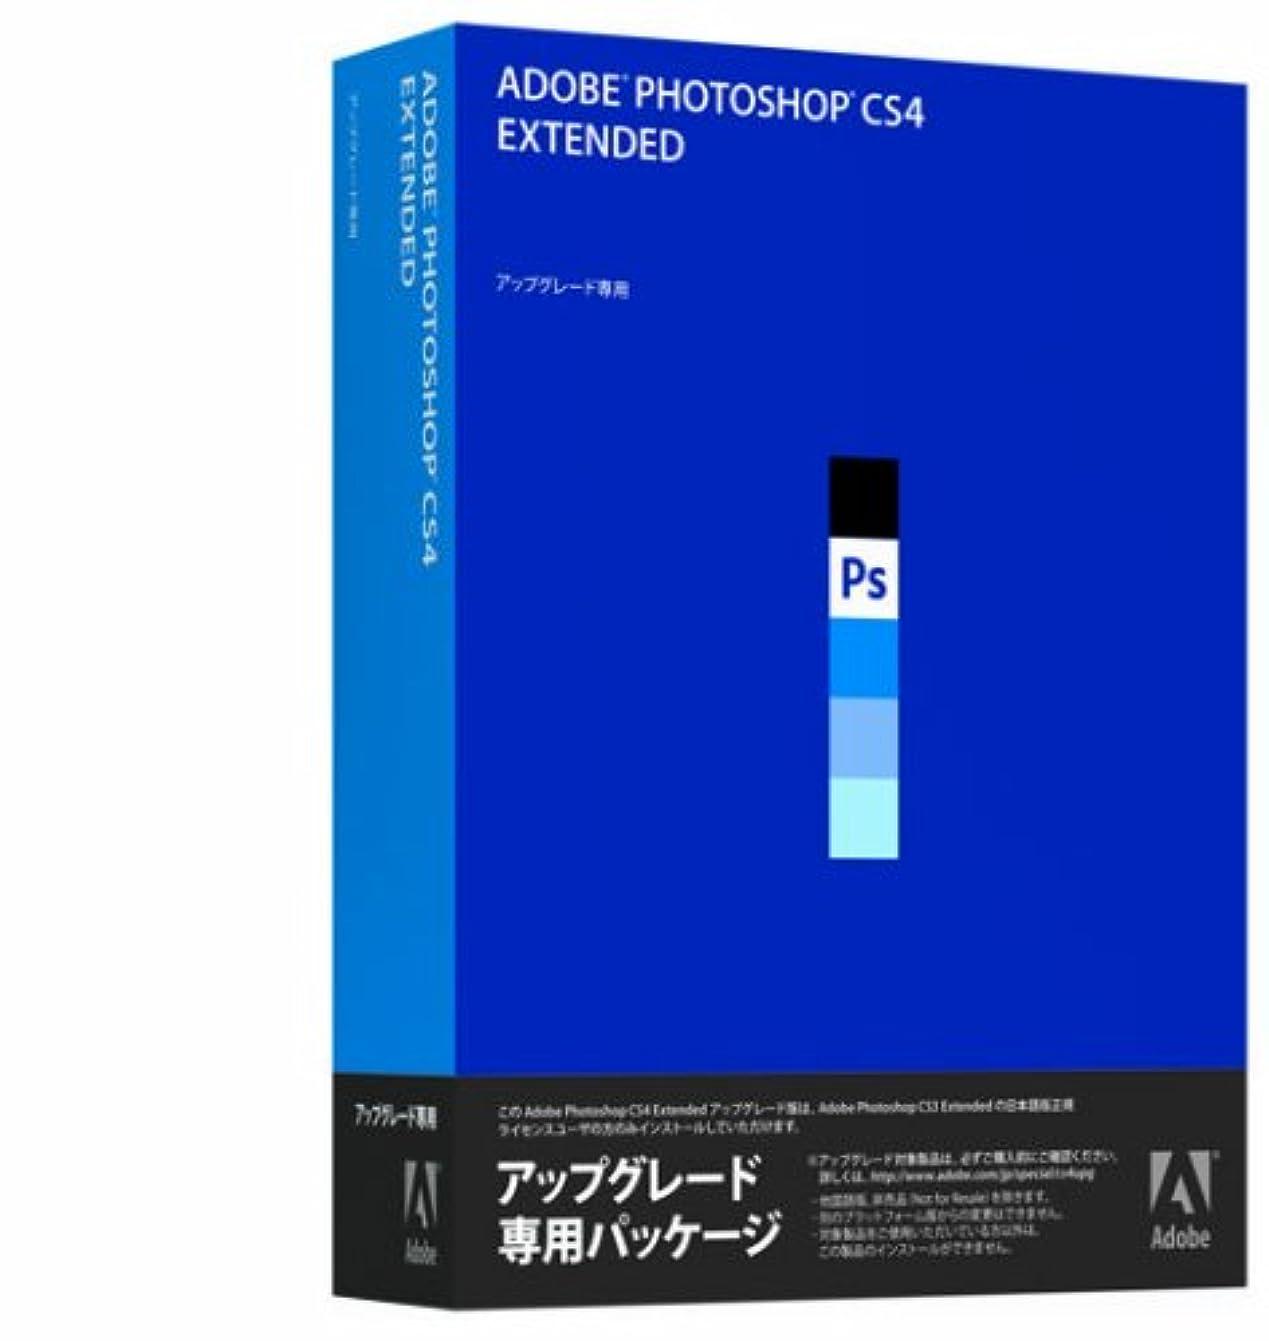 矢社会普遍的なAdobe Photoshop CS4 Extended (V11.0) 日本語版 アップグレード版 Windows版 (旧製品)